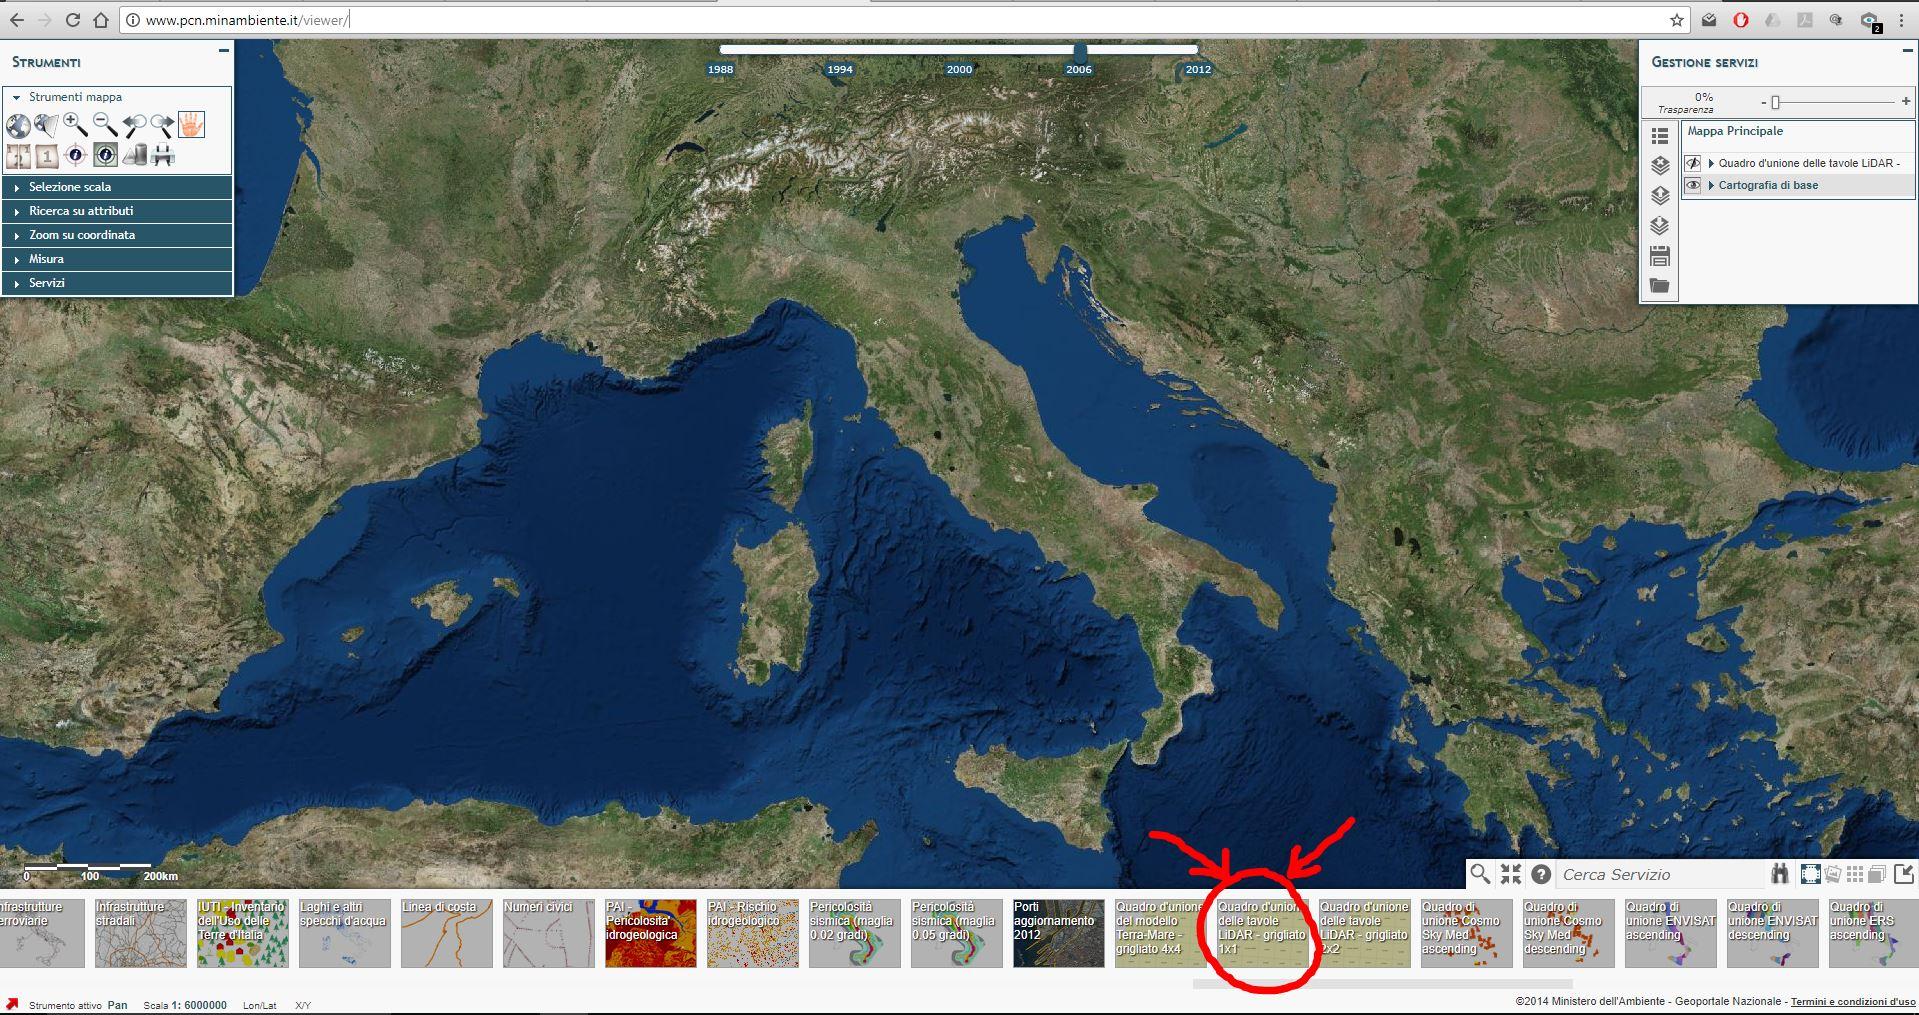 Immagini che mostra come caricare il quadro di unione delle tavole LIDAR 1m dal visualizzatore del portale cartografico nazionale